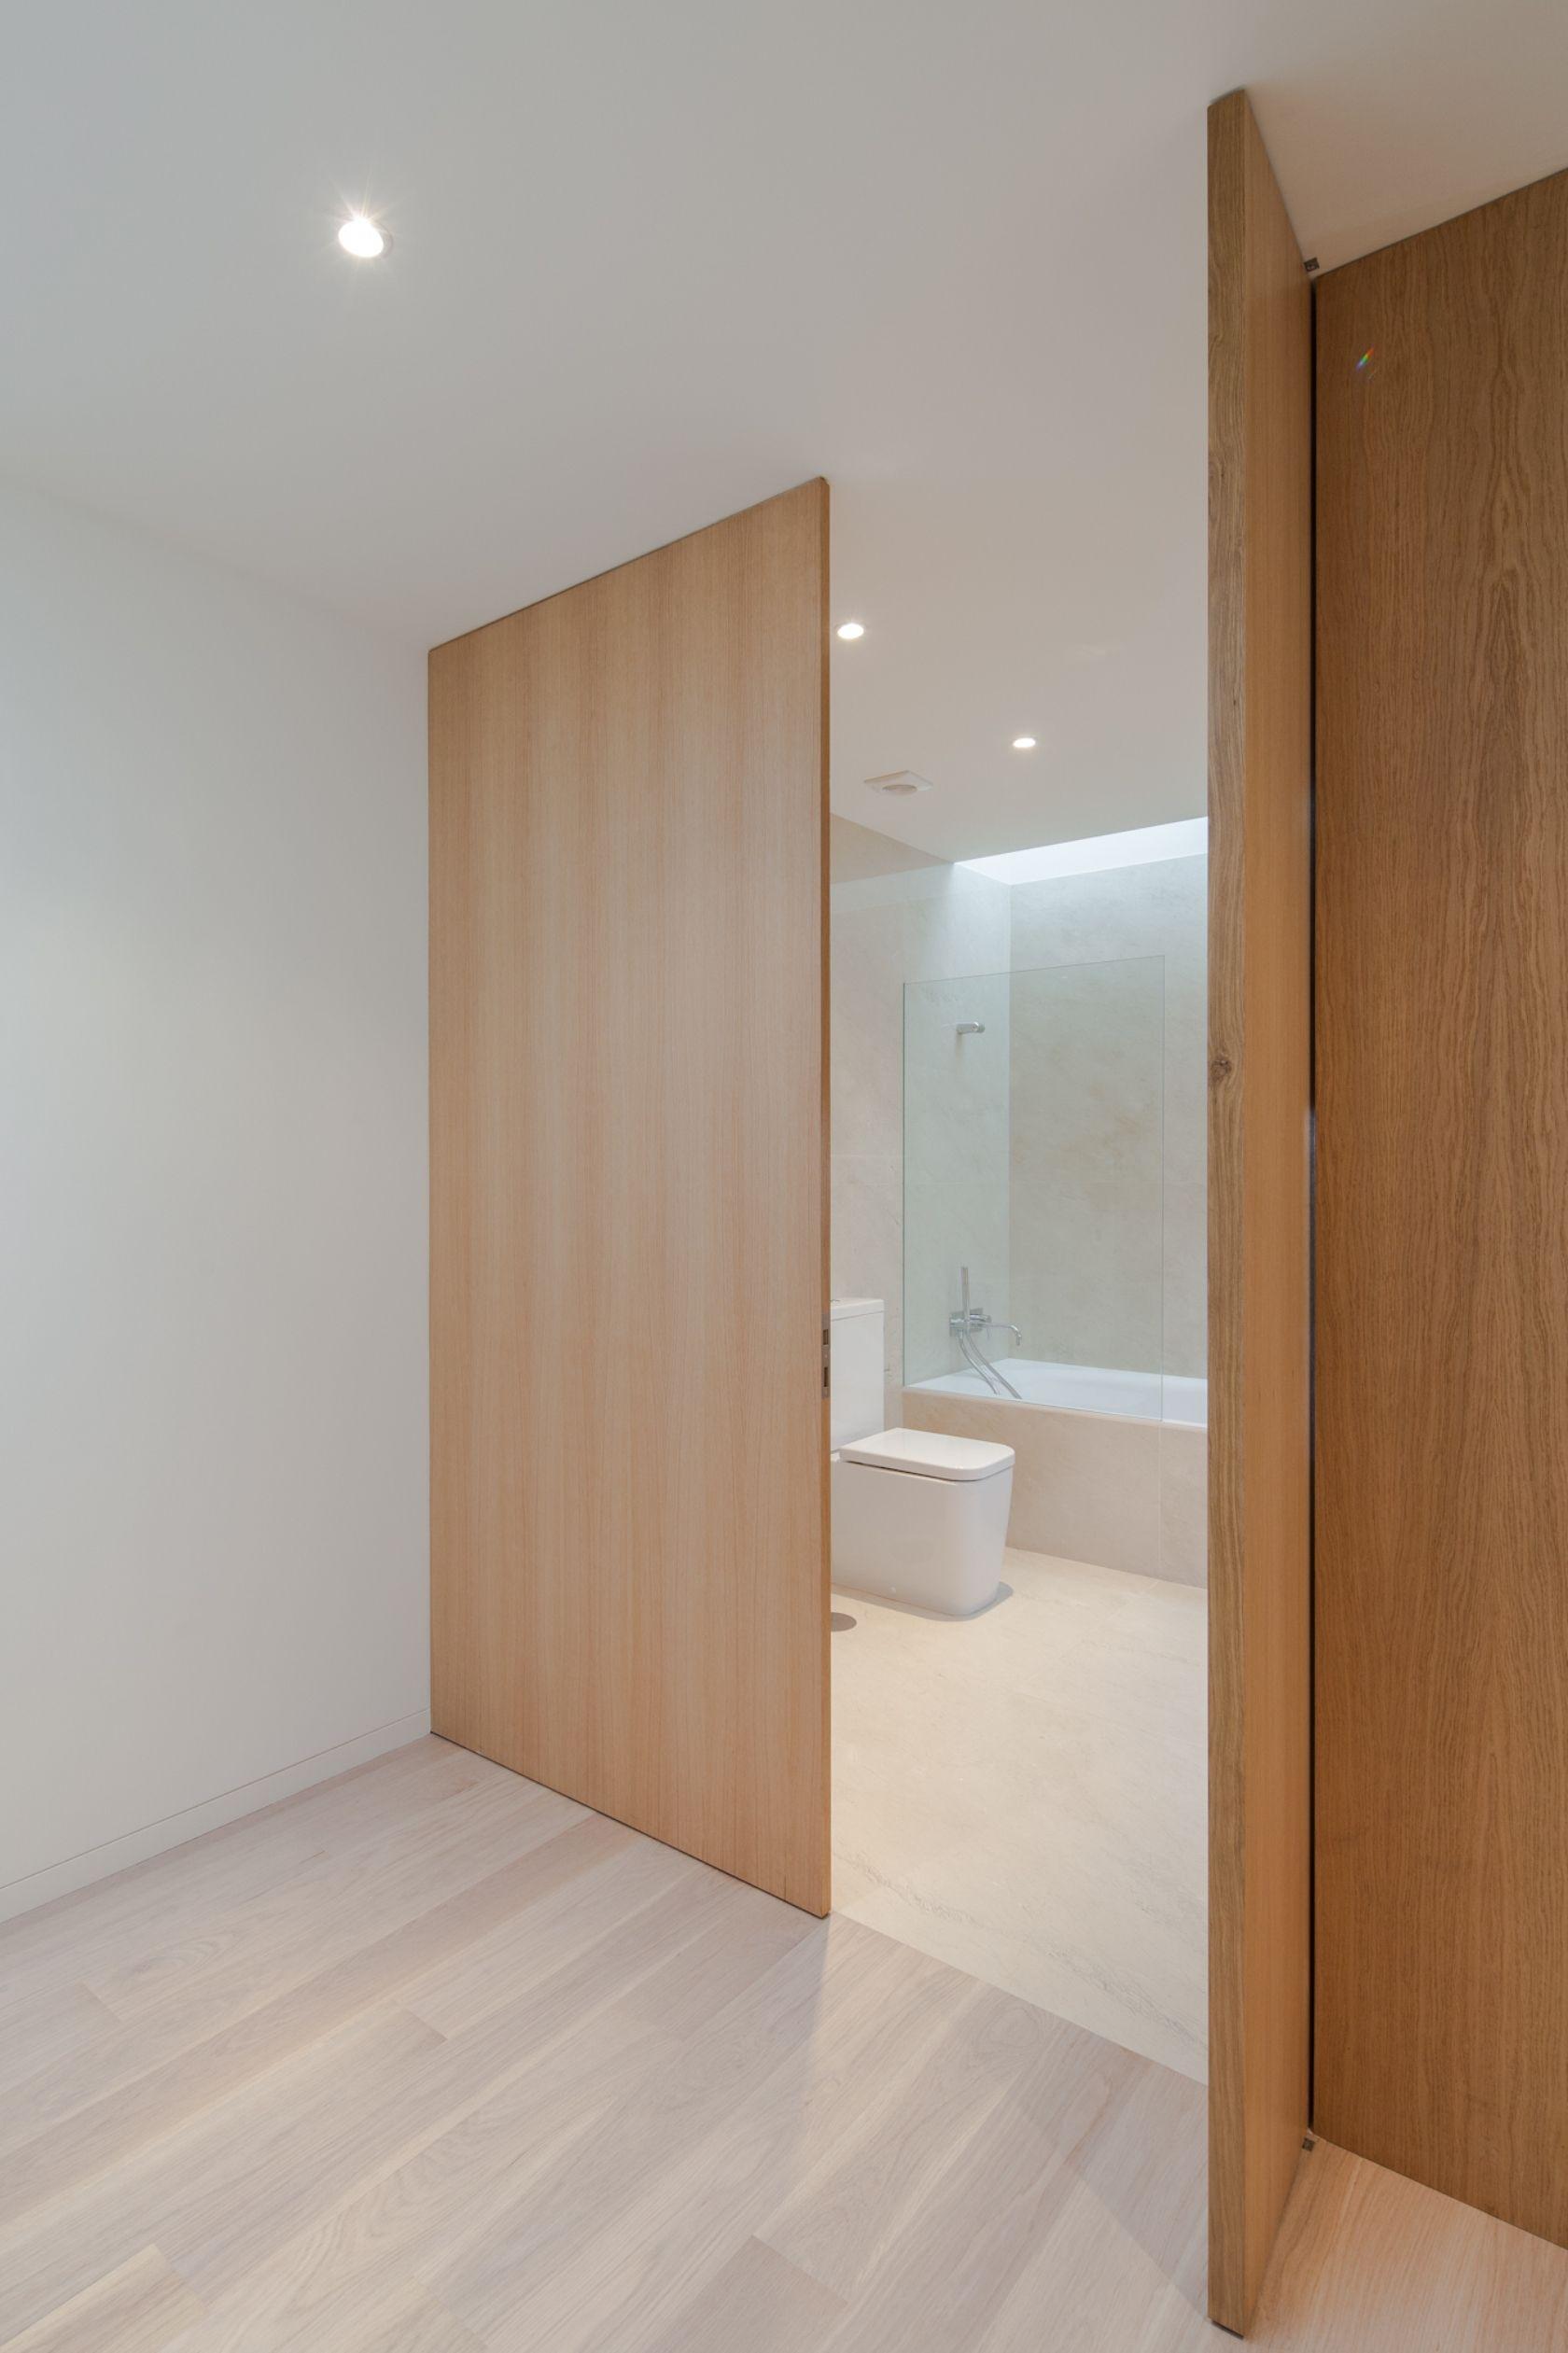 Innenarchitektur für küchenschrank house in penafiel  explore collect and source architecture  bäder